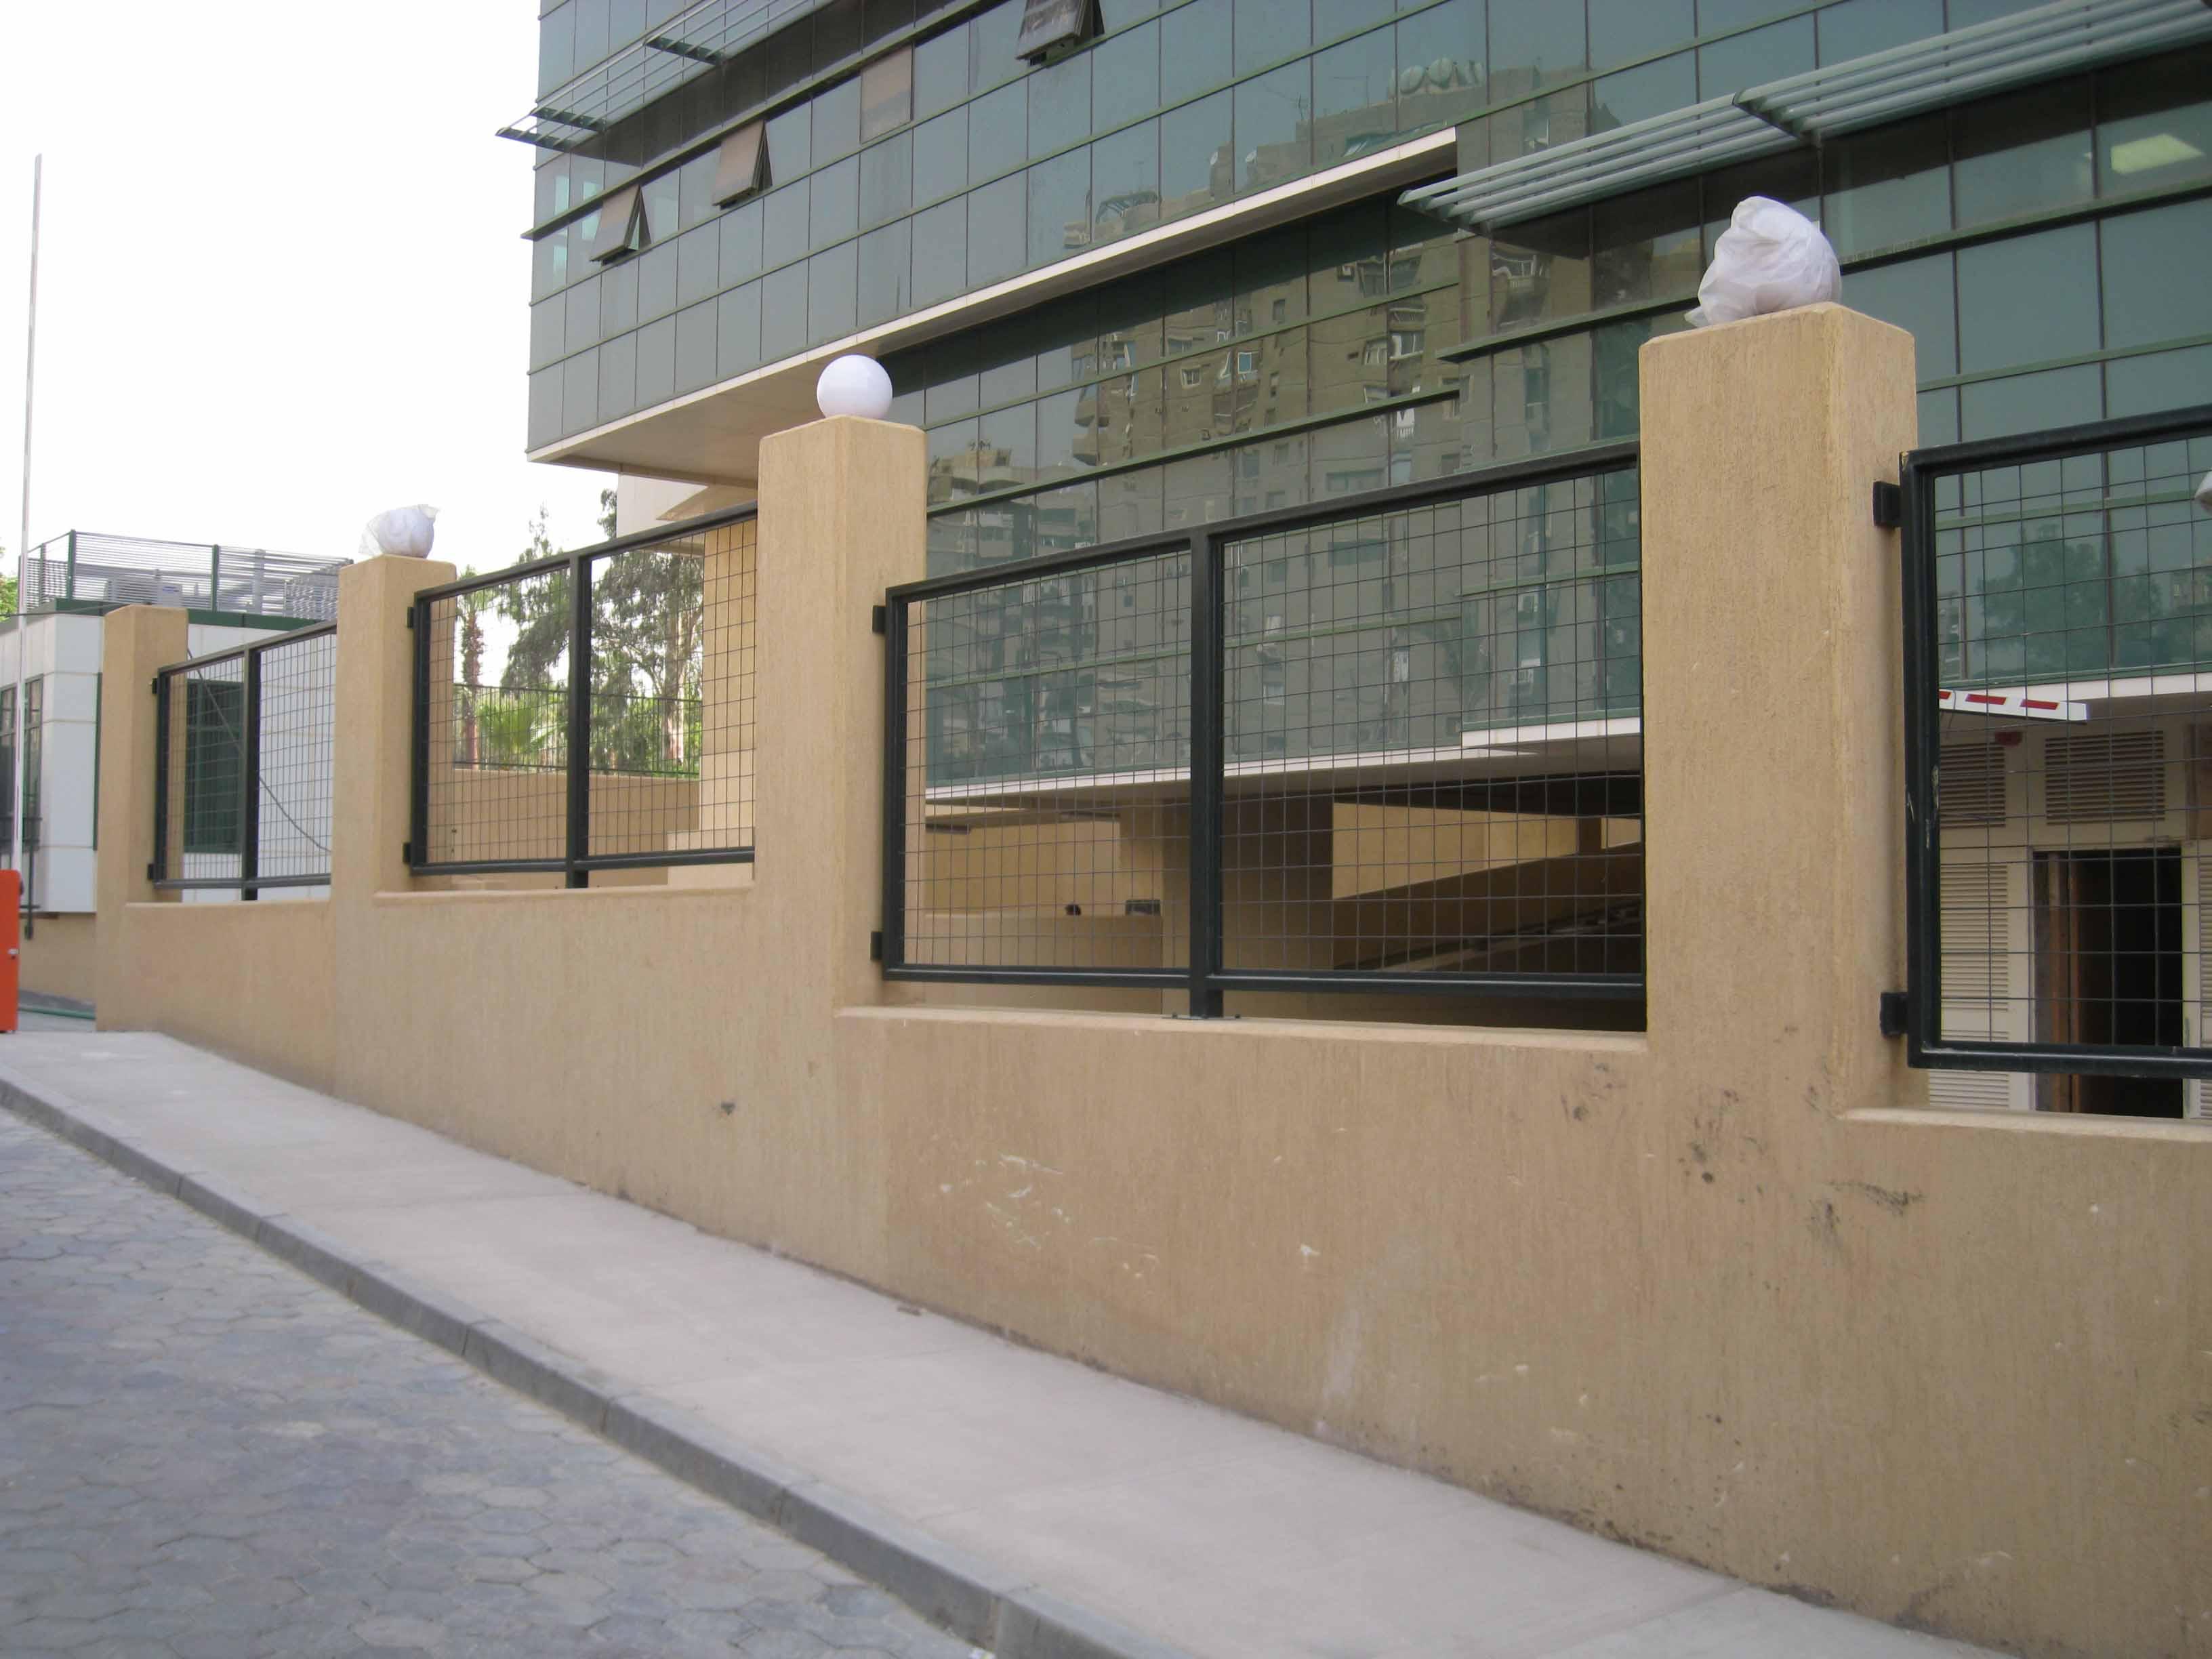 Dar l foad hospital project (56)